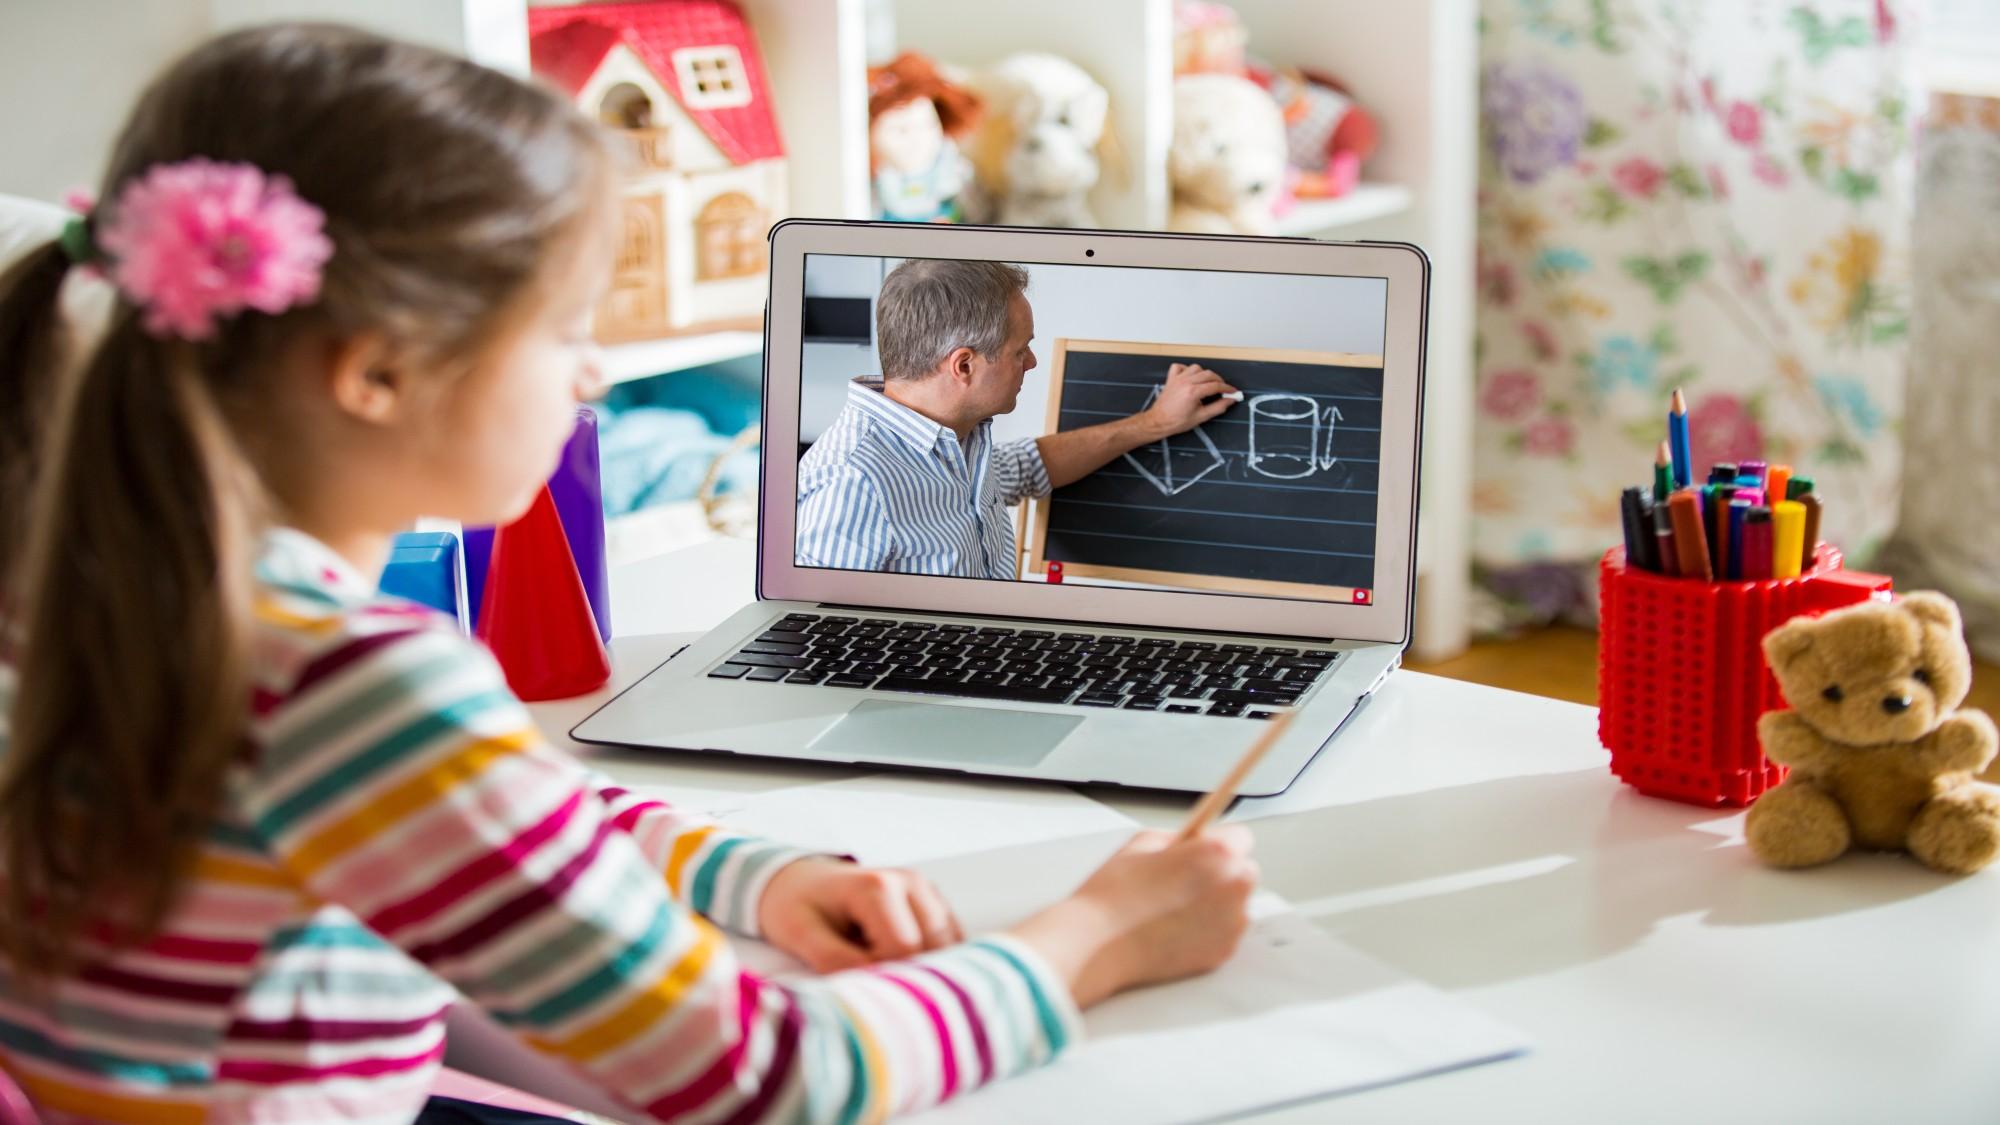 Educación virtual: porqué es útil y 8 pasos para crearla